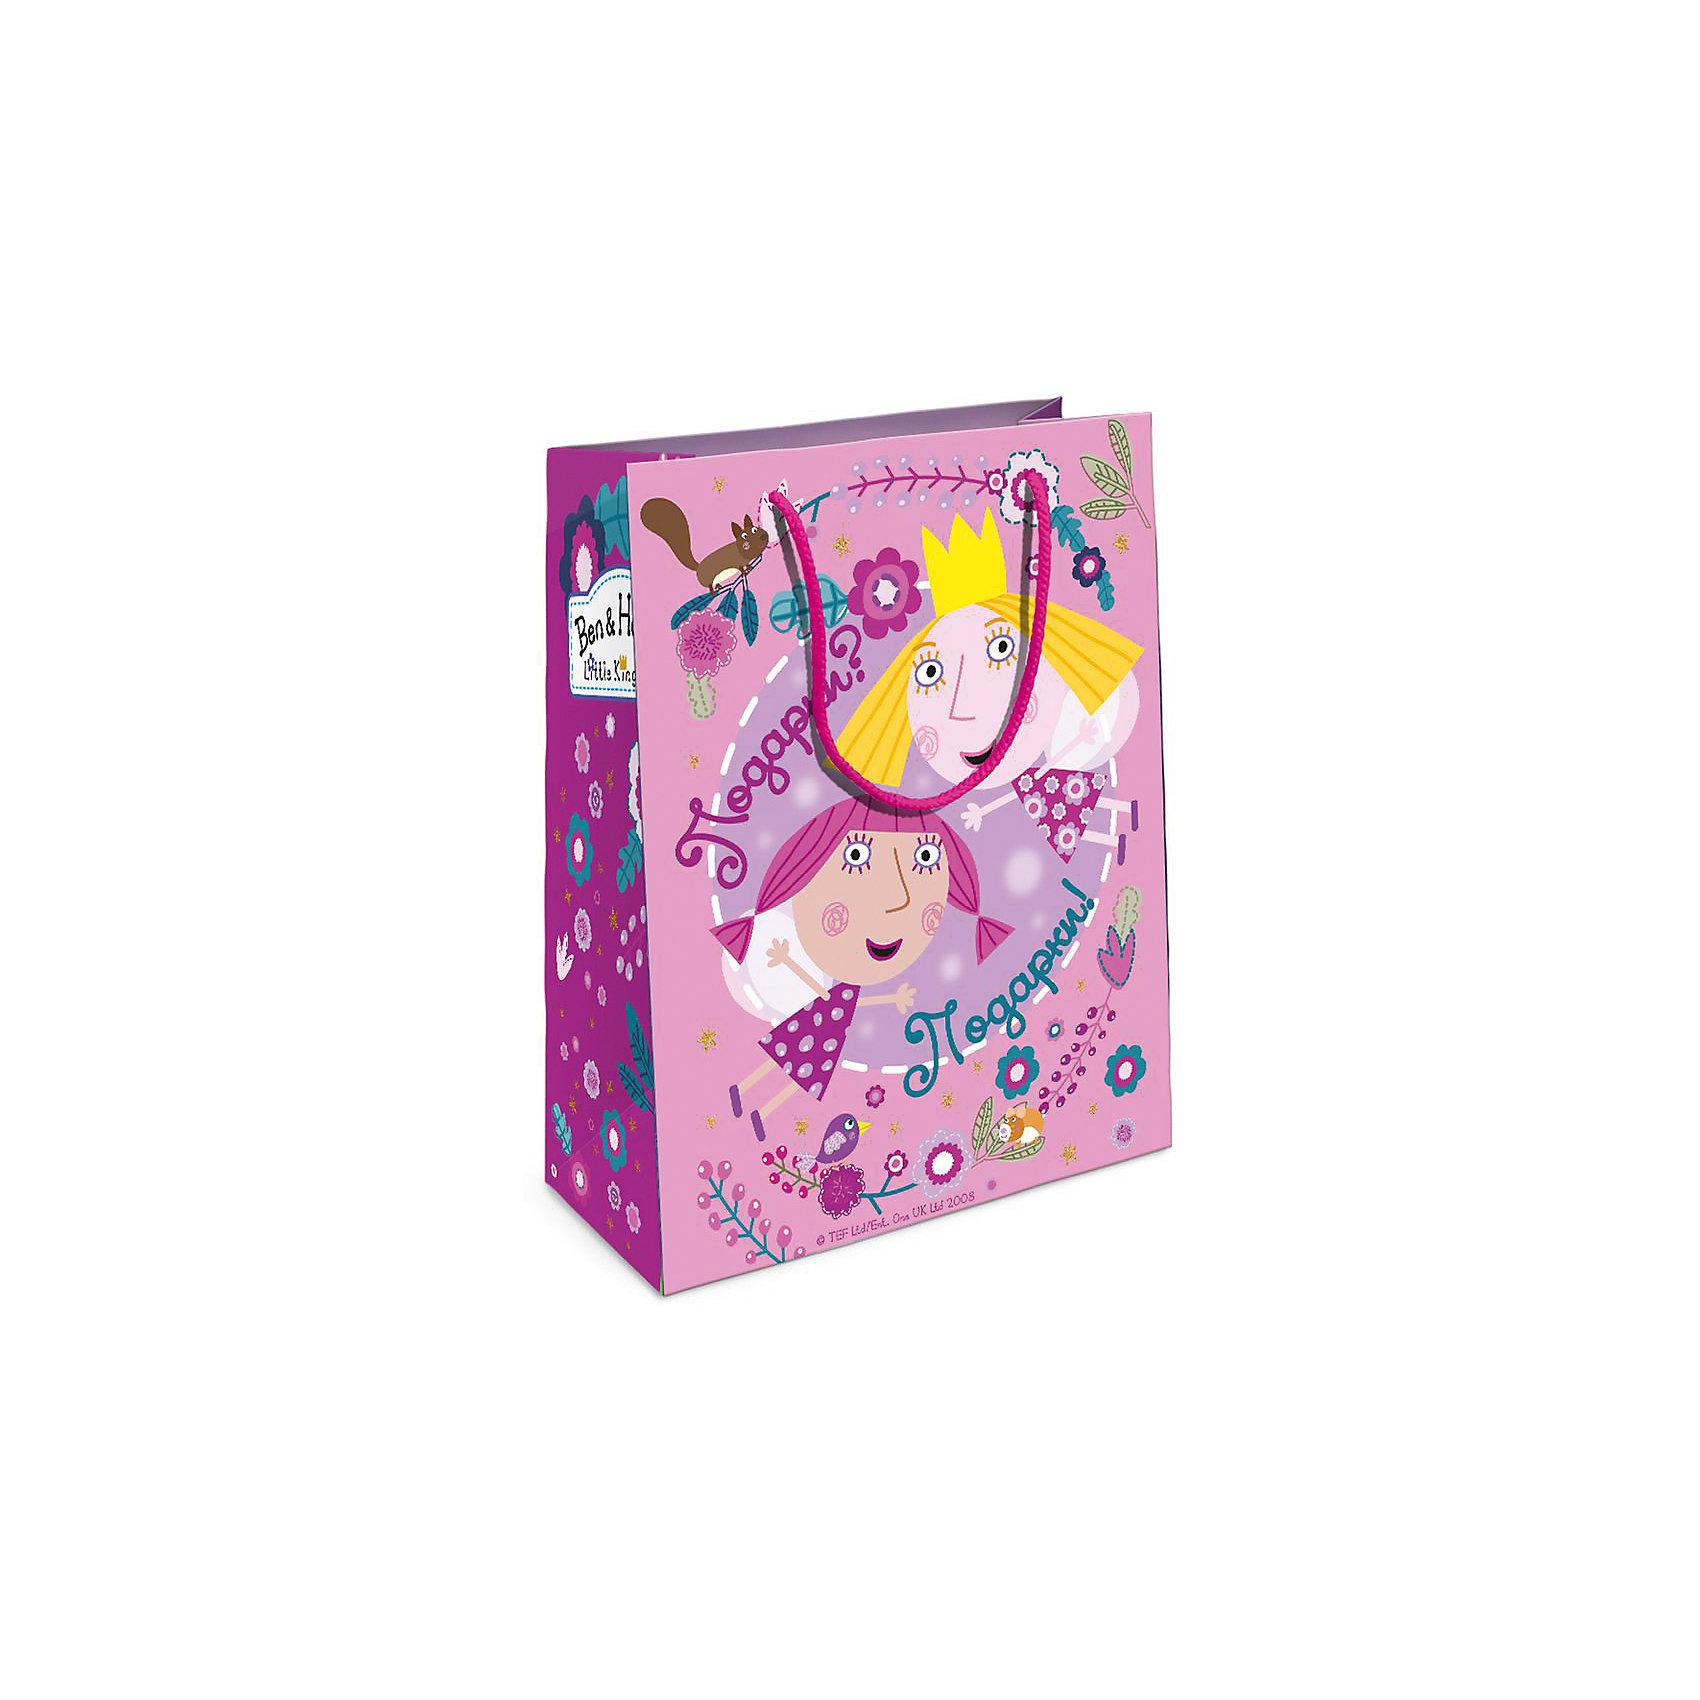 Пакет подарочный Холли-фея 230*180*100, Бен и ХоллиВсё для праздника<br>Подарочный бумажный пакет Бен и Холли стильно и эффектно украсит ваш подарок для малышки. Размер: 23х18х10 см. В ассортименте вы сможете найти такой же пакет размером 35х25х9 см.<br><br>Ширина мм: 230<br>Глубина мм: 180<br>Высота мм: 50<br>Вес г: 39<br>Возраст от месяцев: 36<br>Возраст до месяцев: 2147483647<br>Пол: Унисекс<br>Возраст: Детский<br>SKU: 5453486